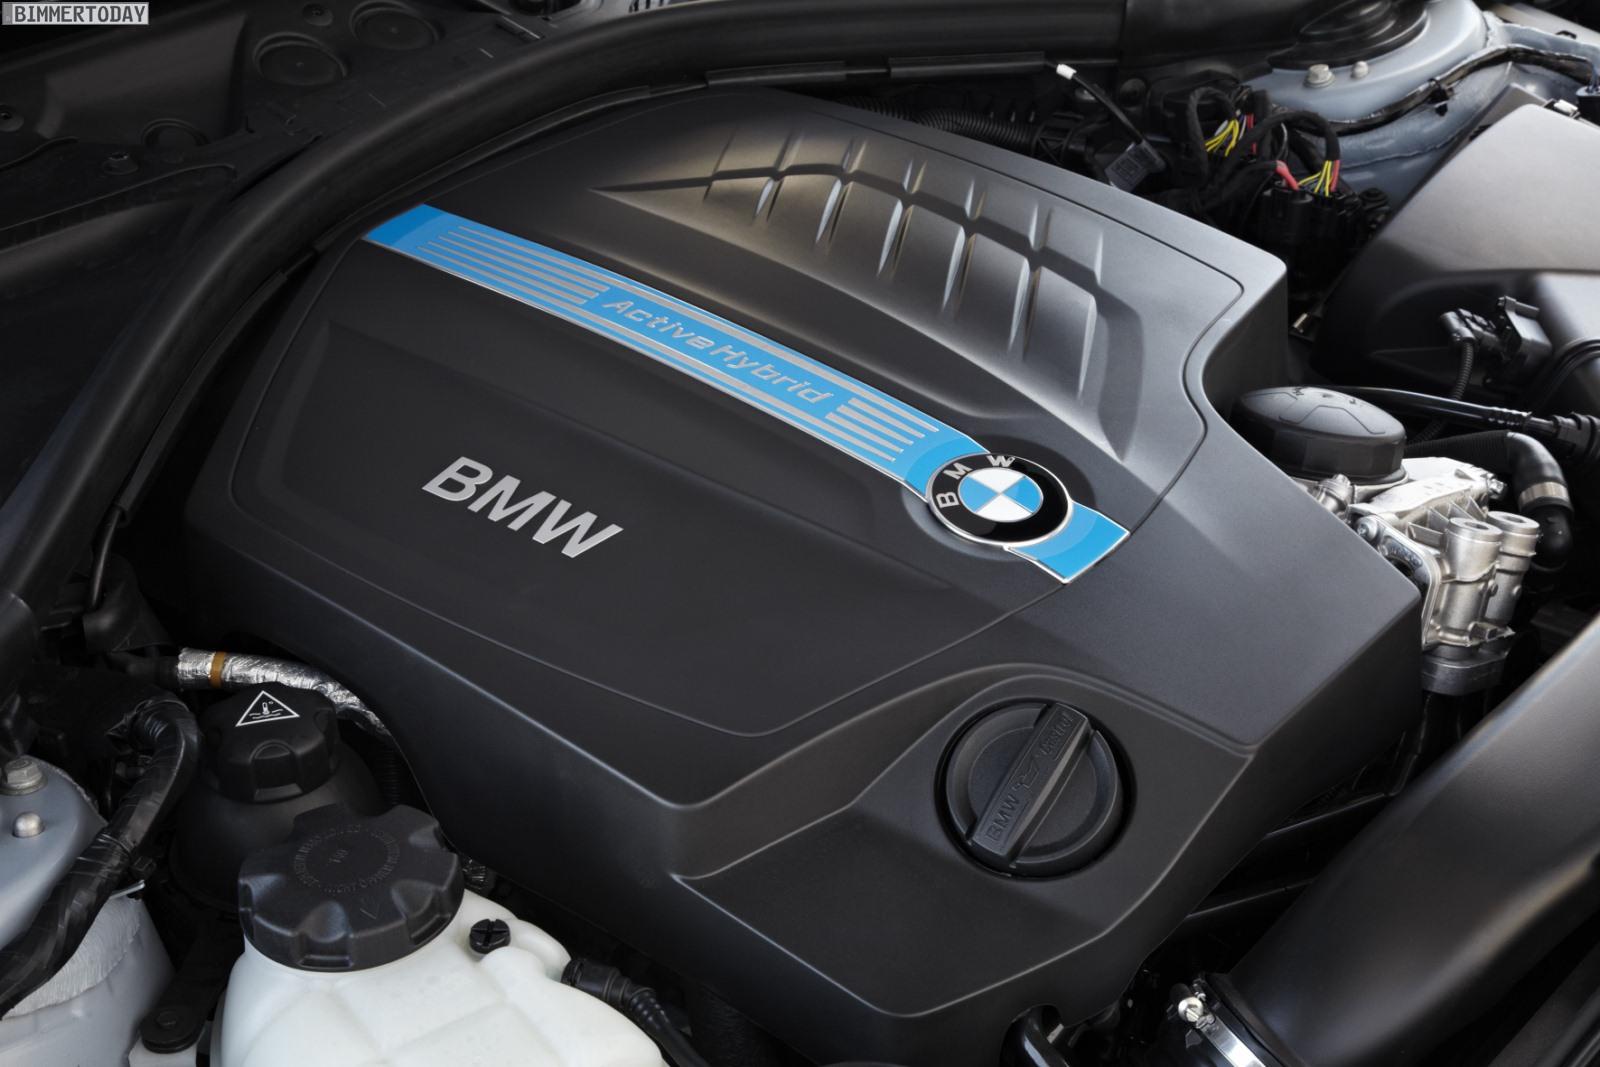 Bmw Activehybrid 3 F30 Der Bmw Unter Den Hybriden Als 335i 20